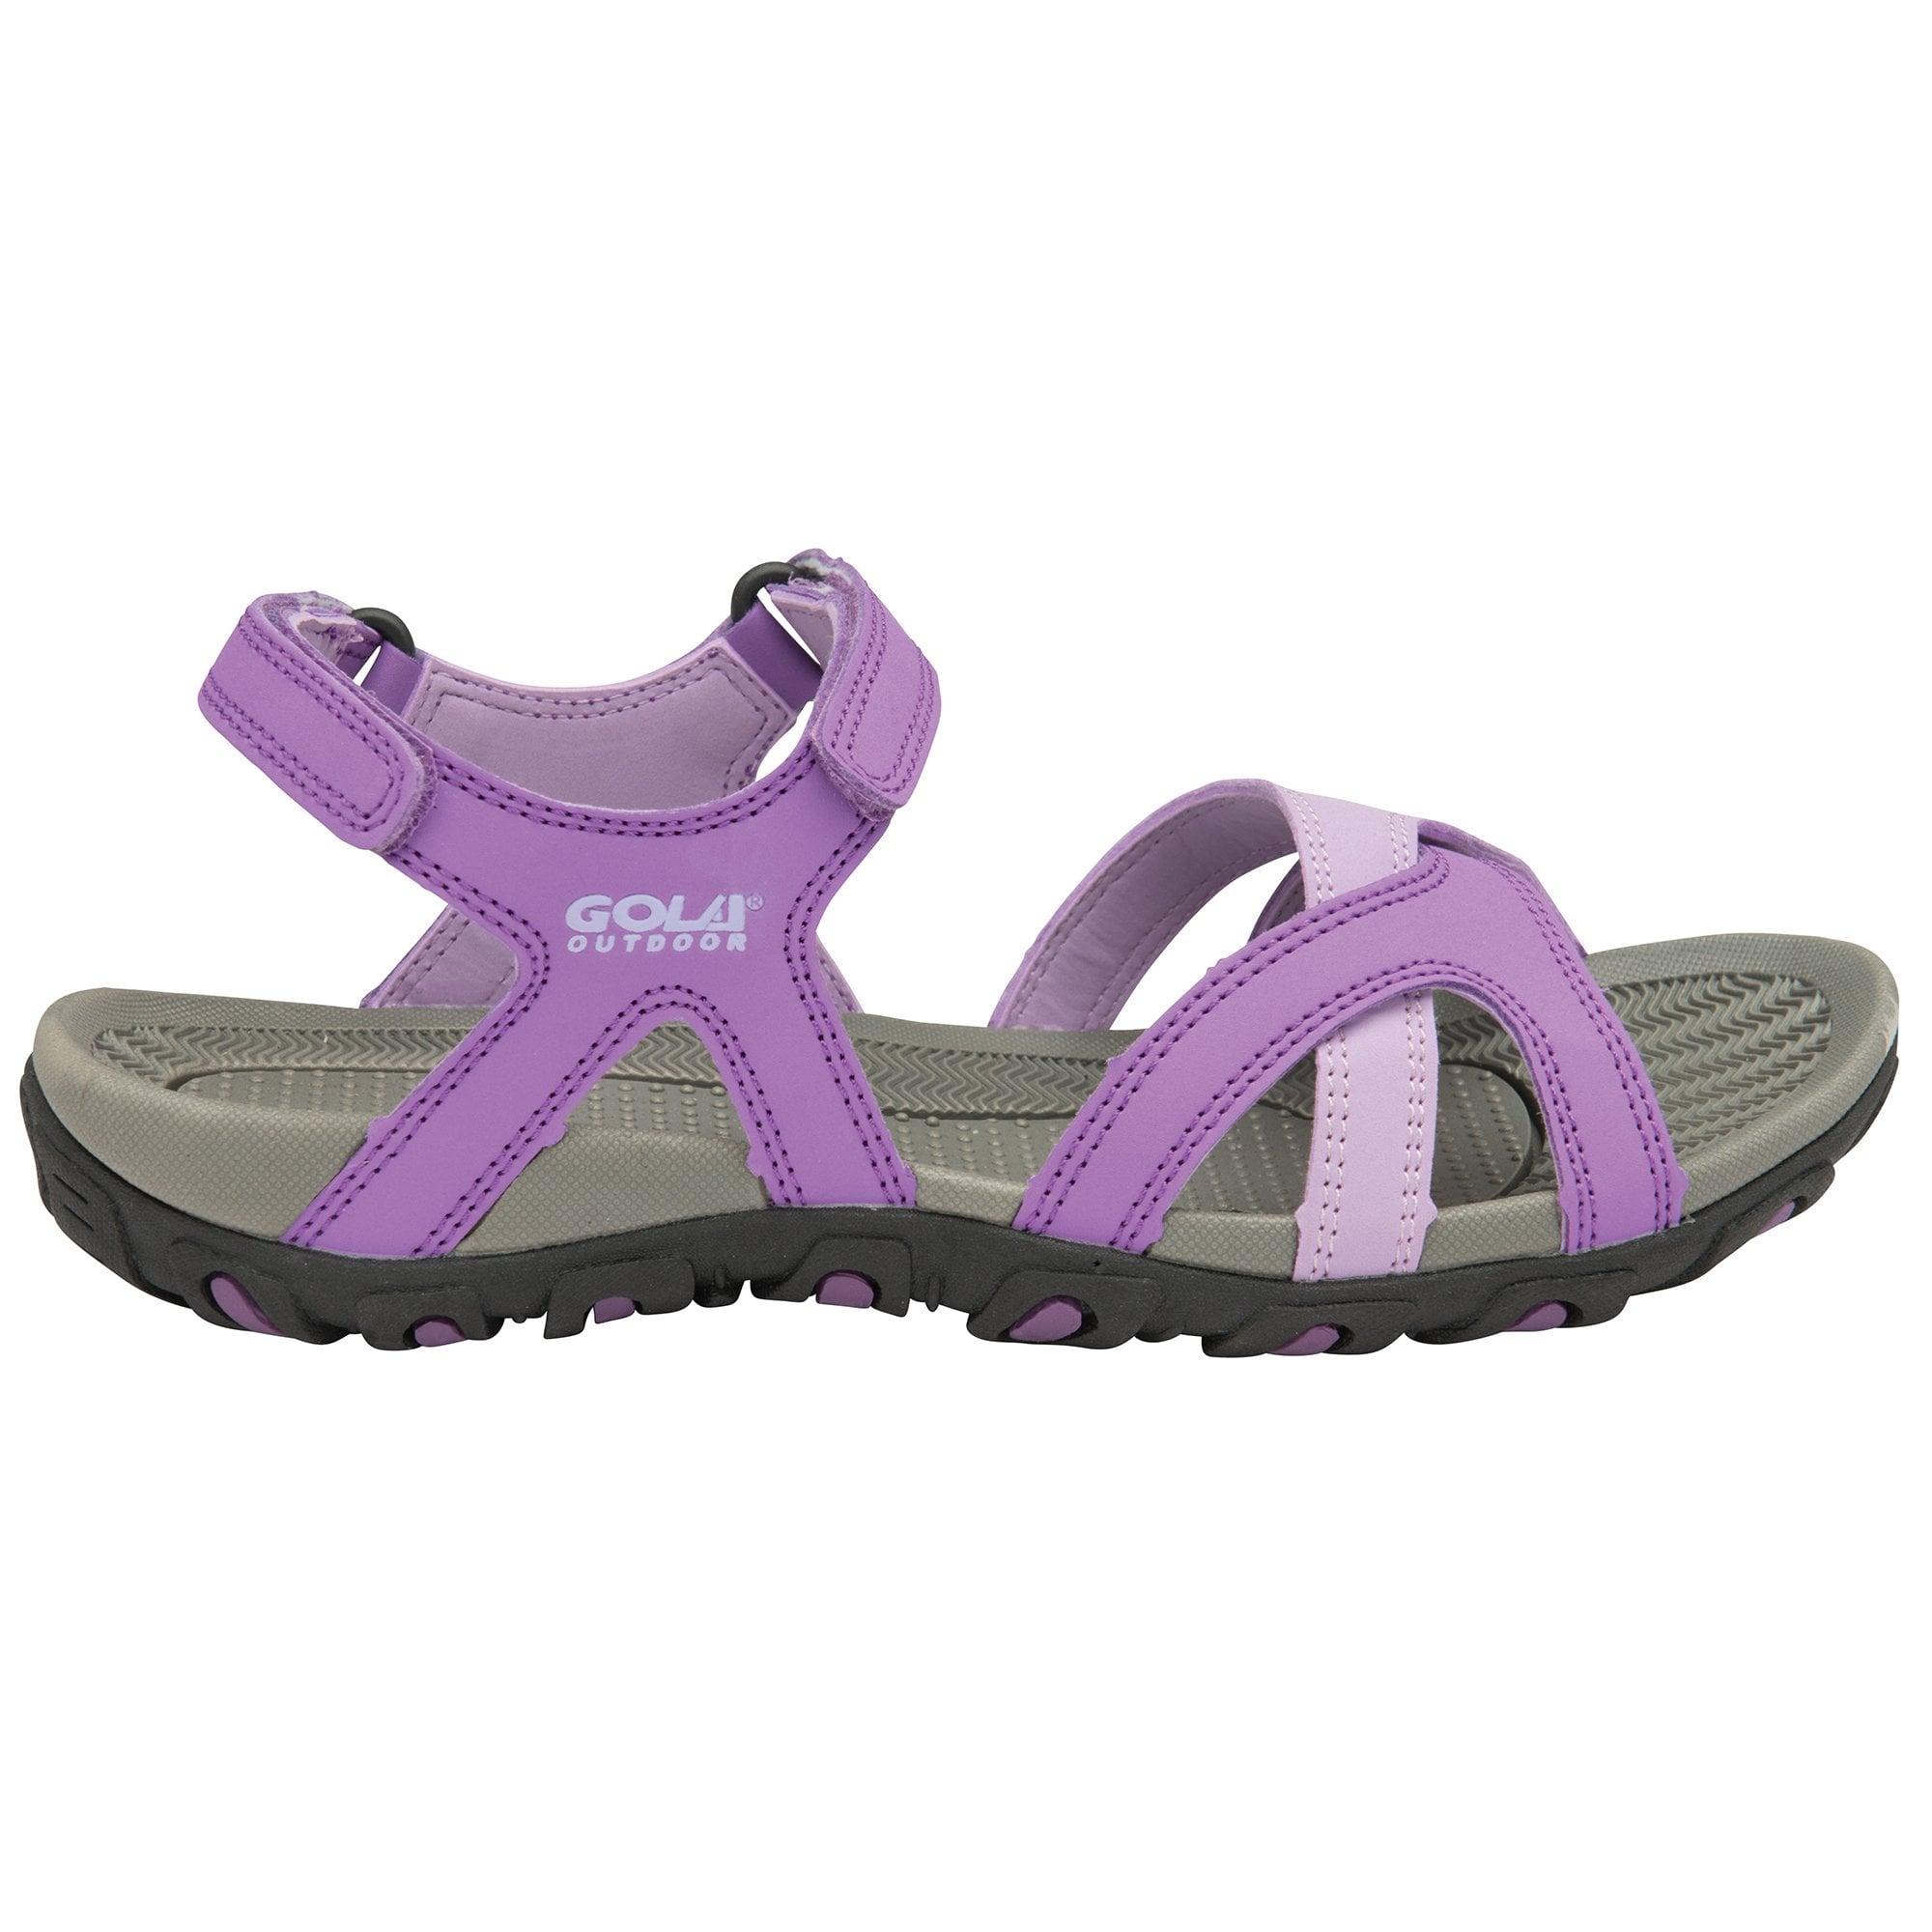 Buy Gola Outdoor Women's Cedar Sandals